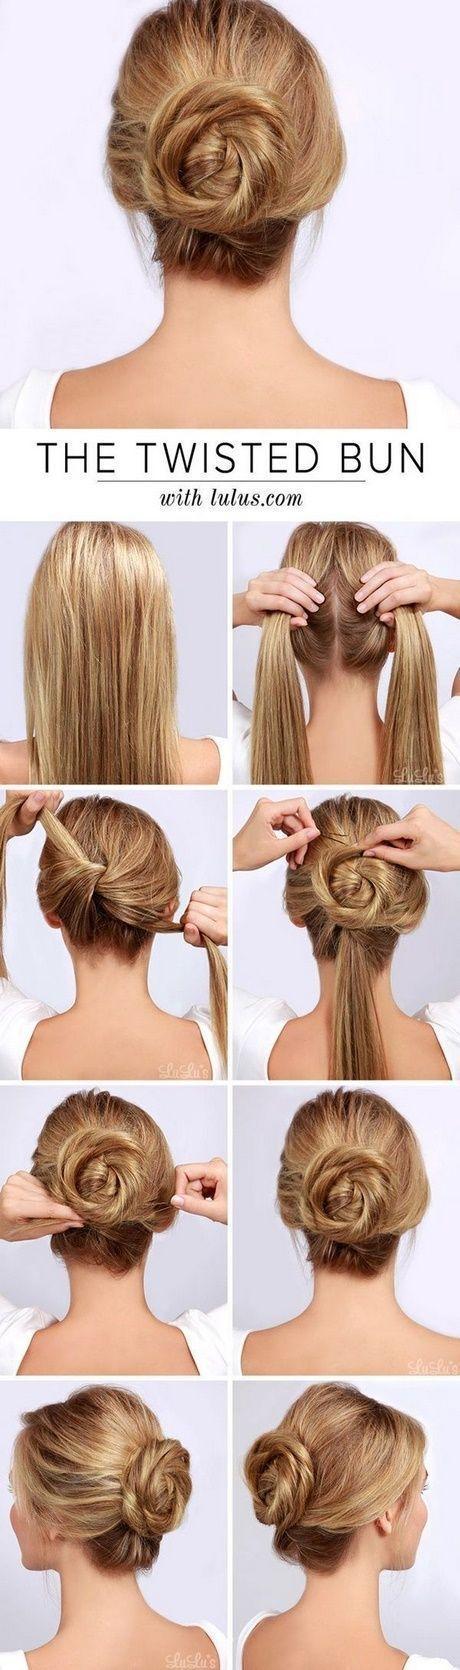 Einfache Frisuren für jeden Tag - # Einfache Frisuren # für jeden Pullover ... - Kochen - #Einfache Frisuren # für jeden